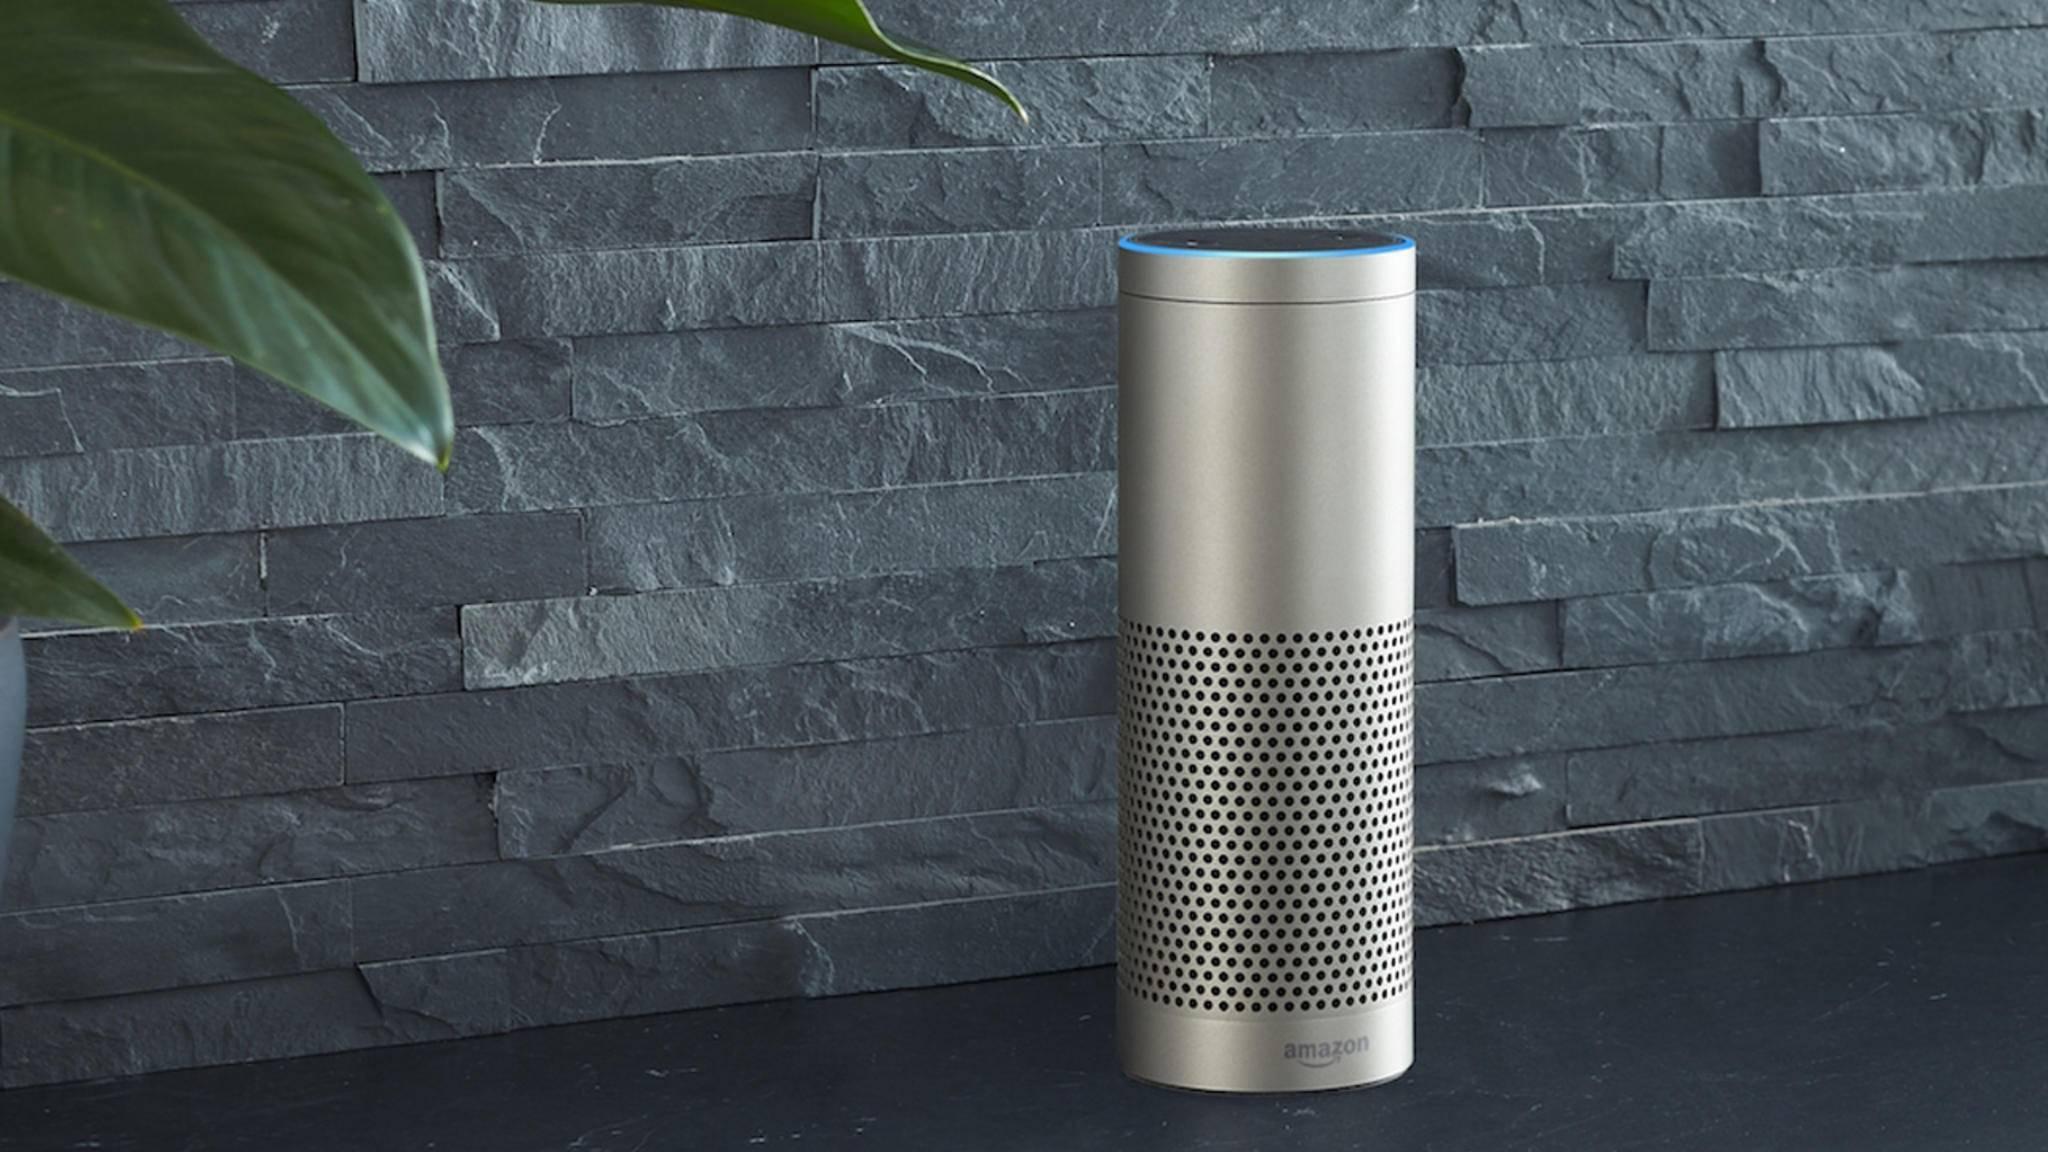 Der Amazon Echo Plus hat optisch mehr mit der ersten Echo-Generation gemeinsam.